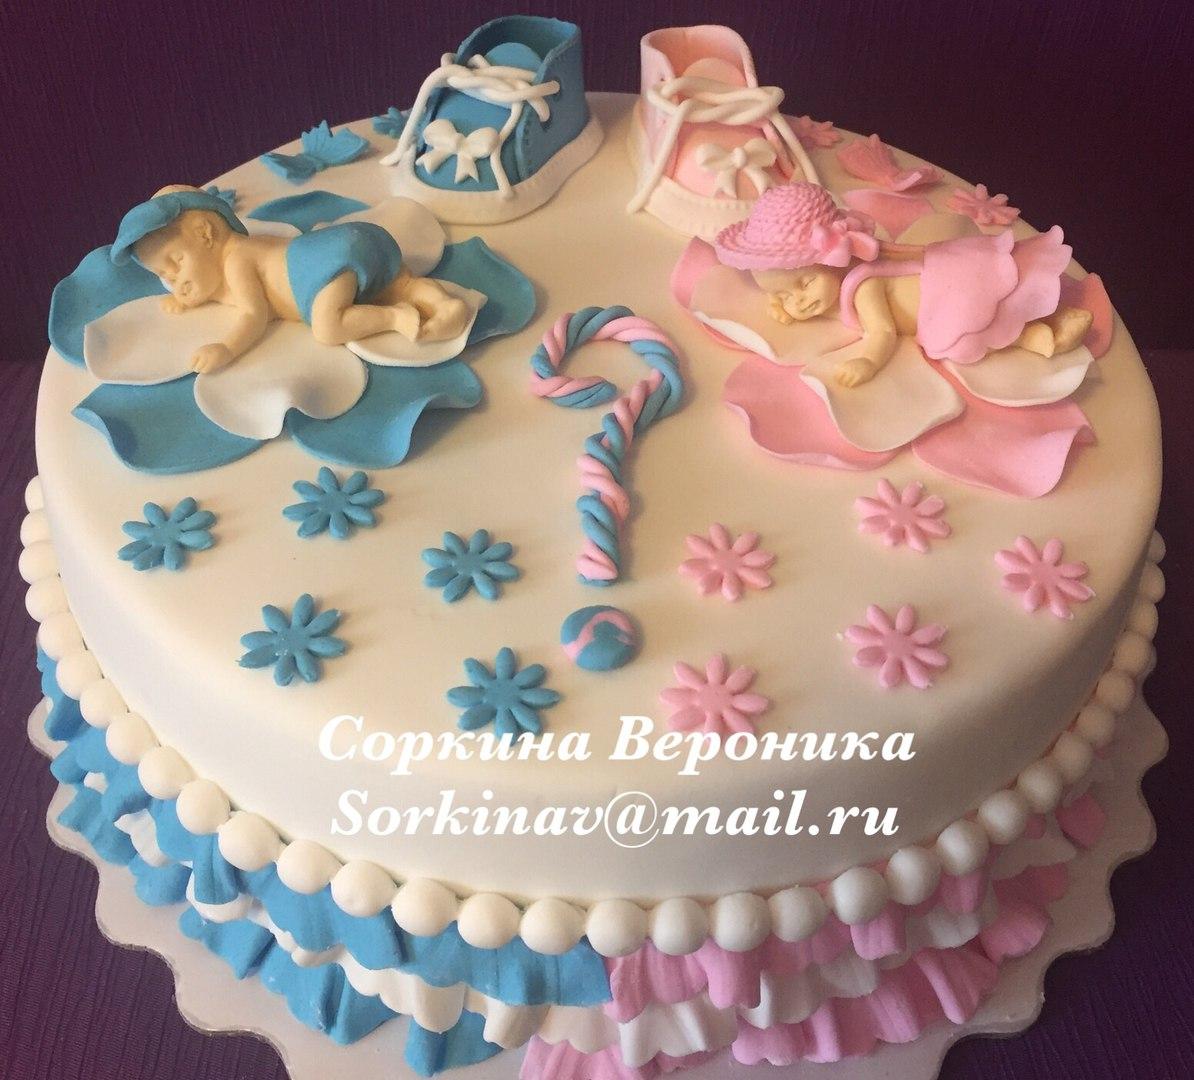 Торт пол ребенка фото